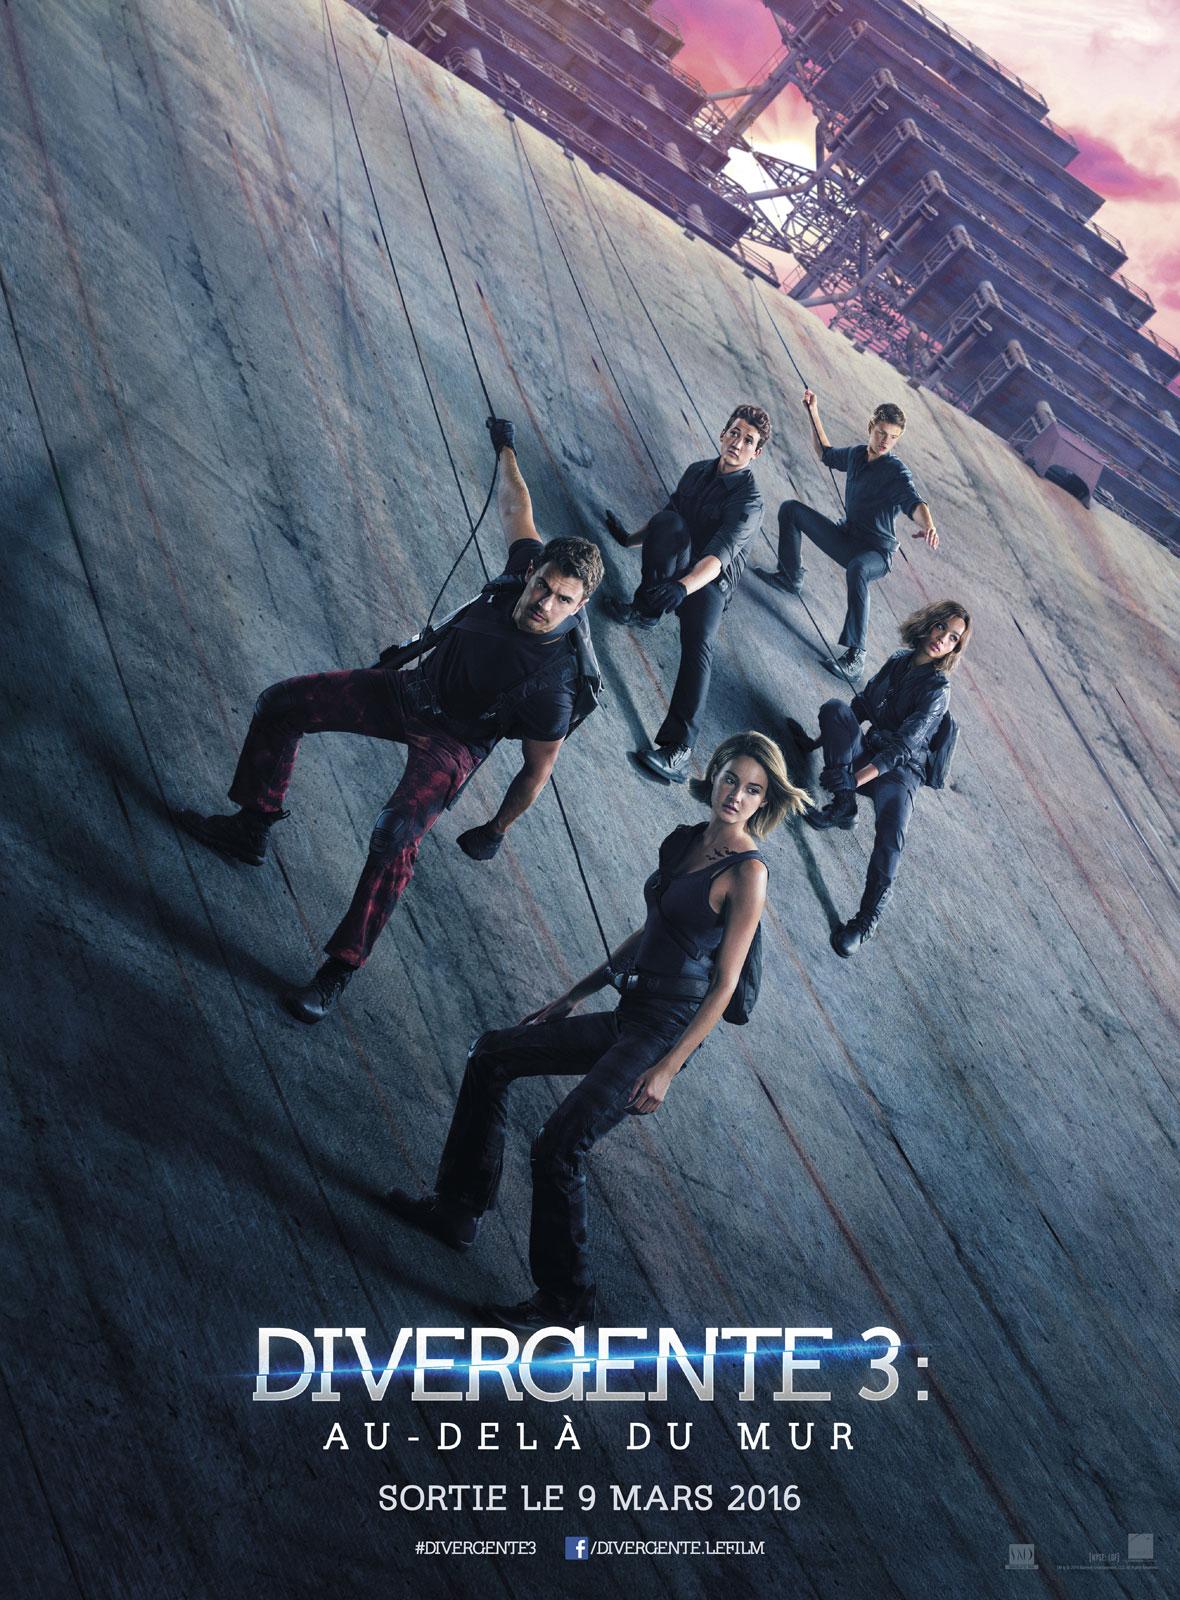 Divergente, Divergent, Robert Schwentke, Veronica Roth